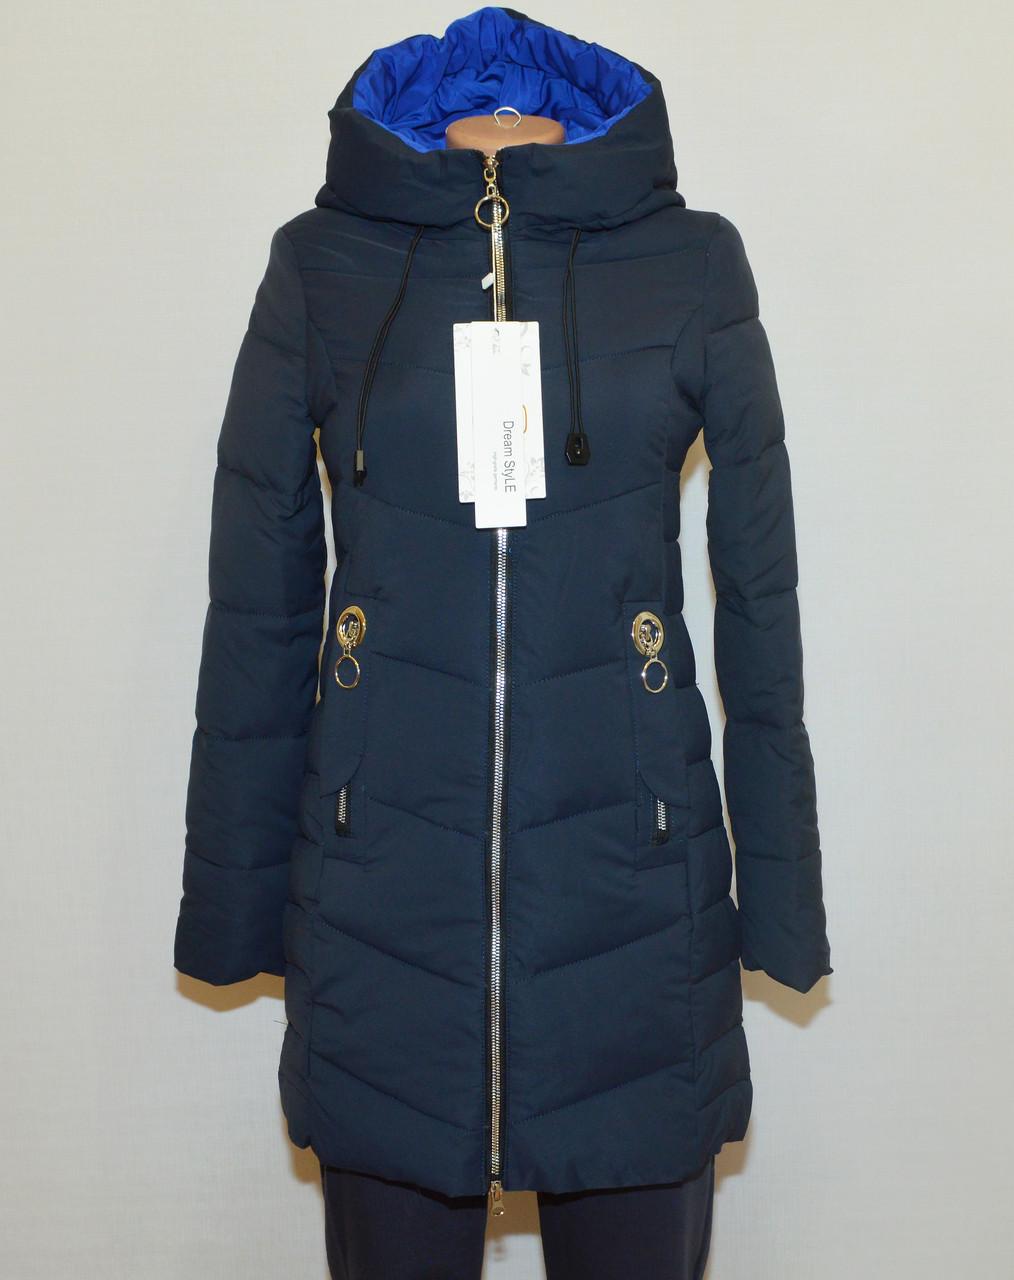 Зимняя женская куртка с капюшоном 2XL